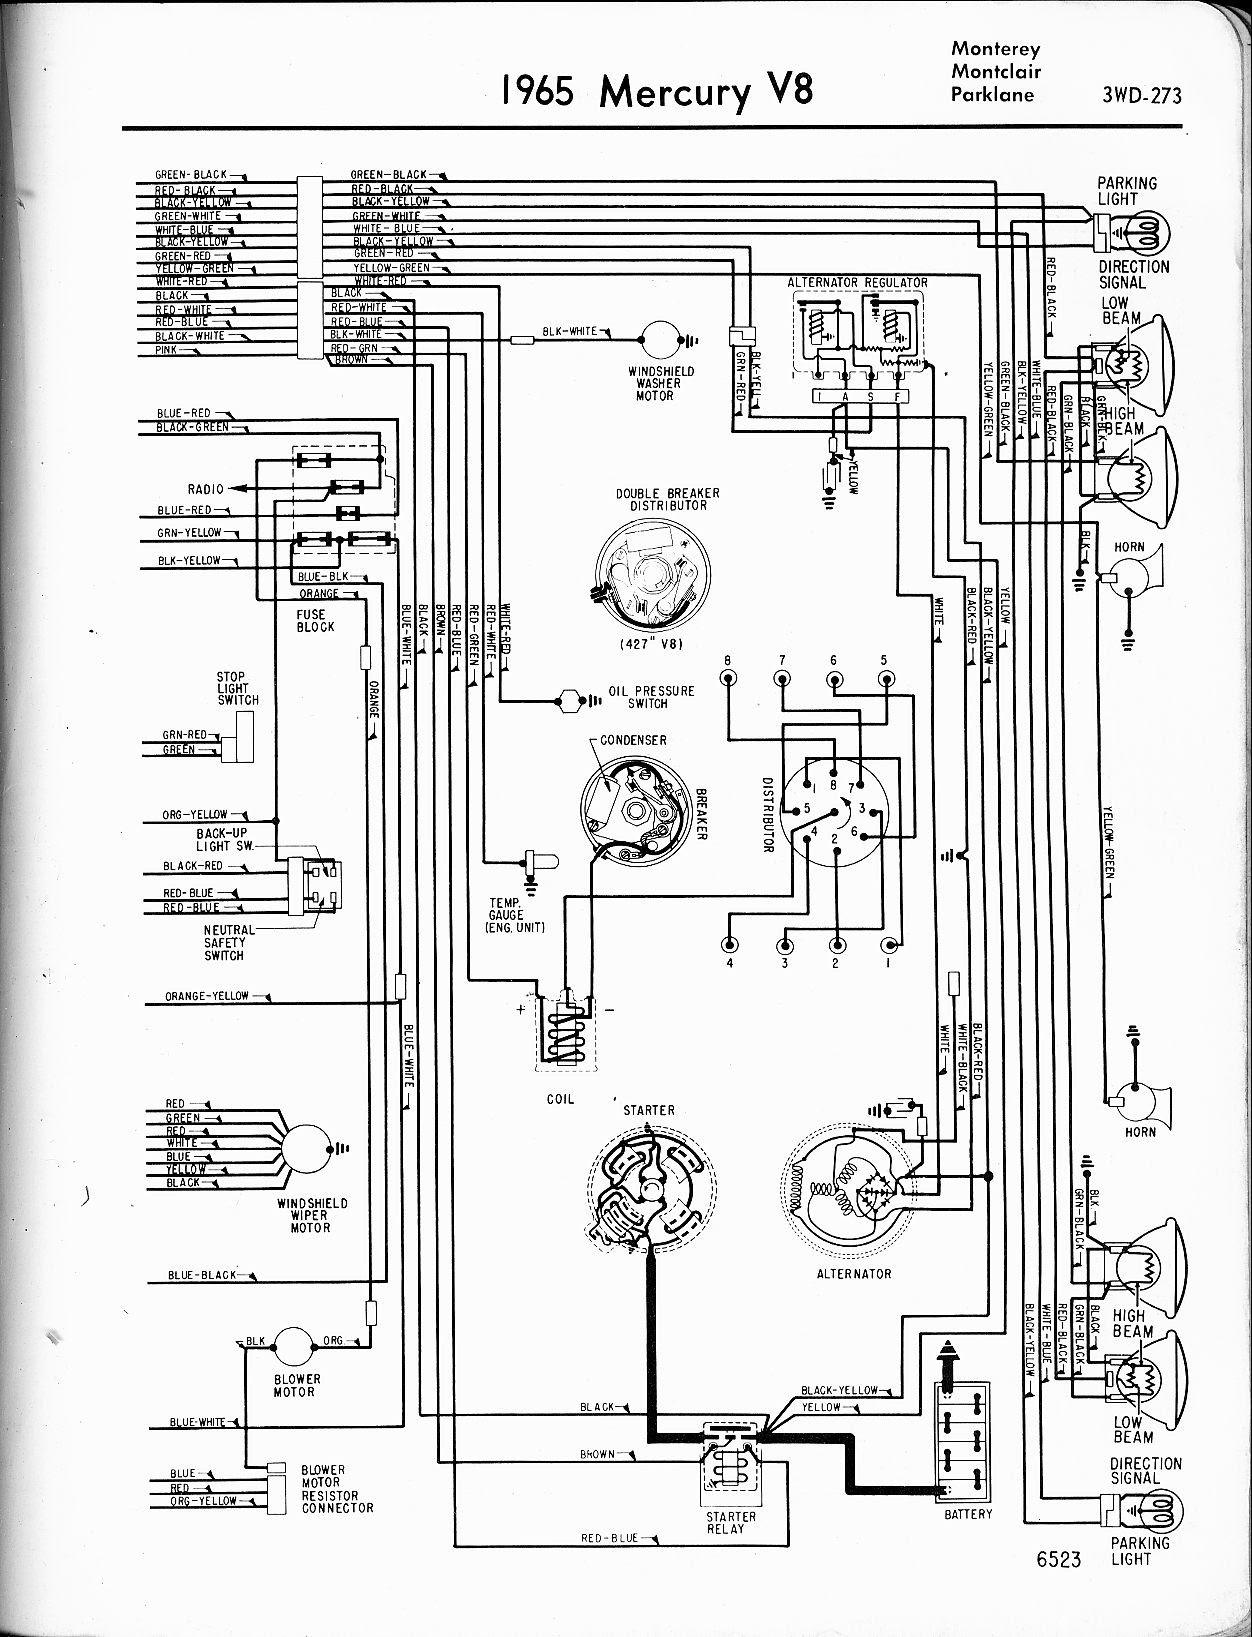 1997 Mercury Cougar Wiring Diagram - Wiring Data